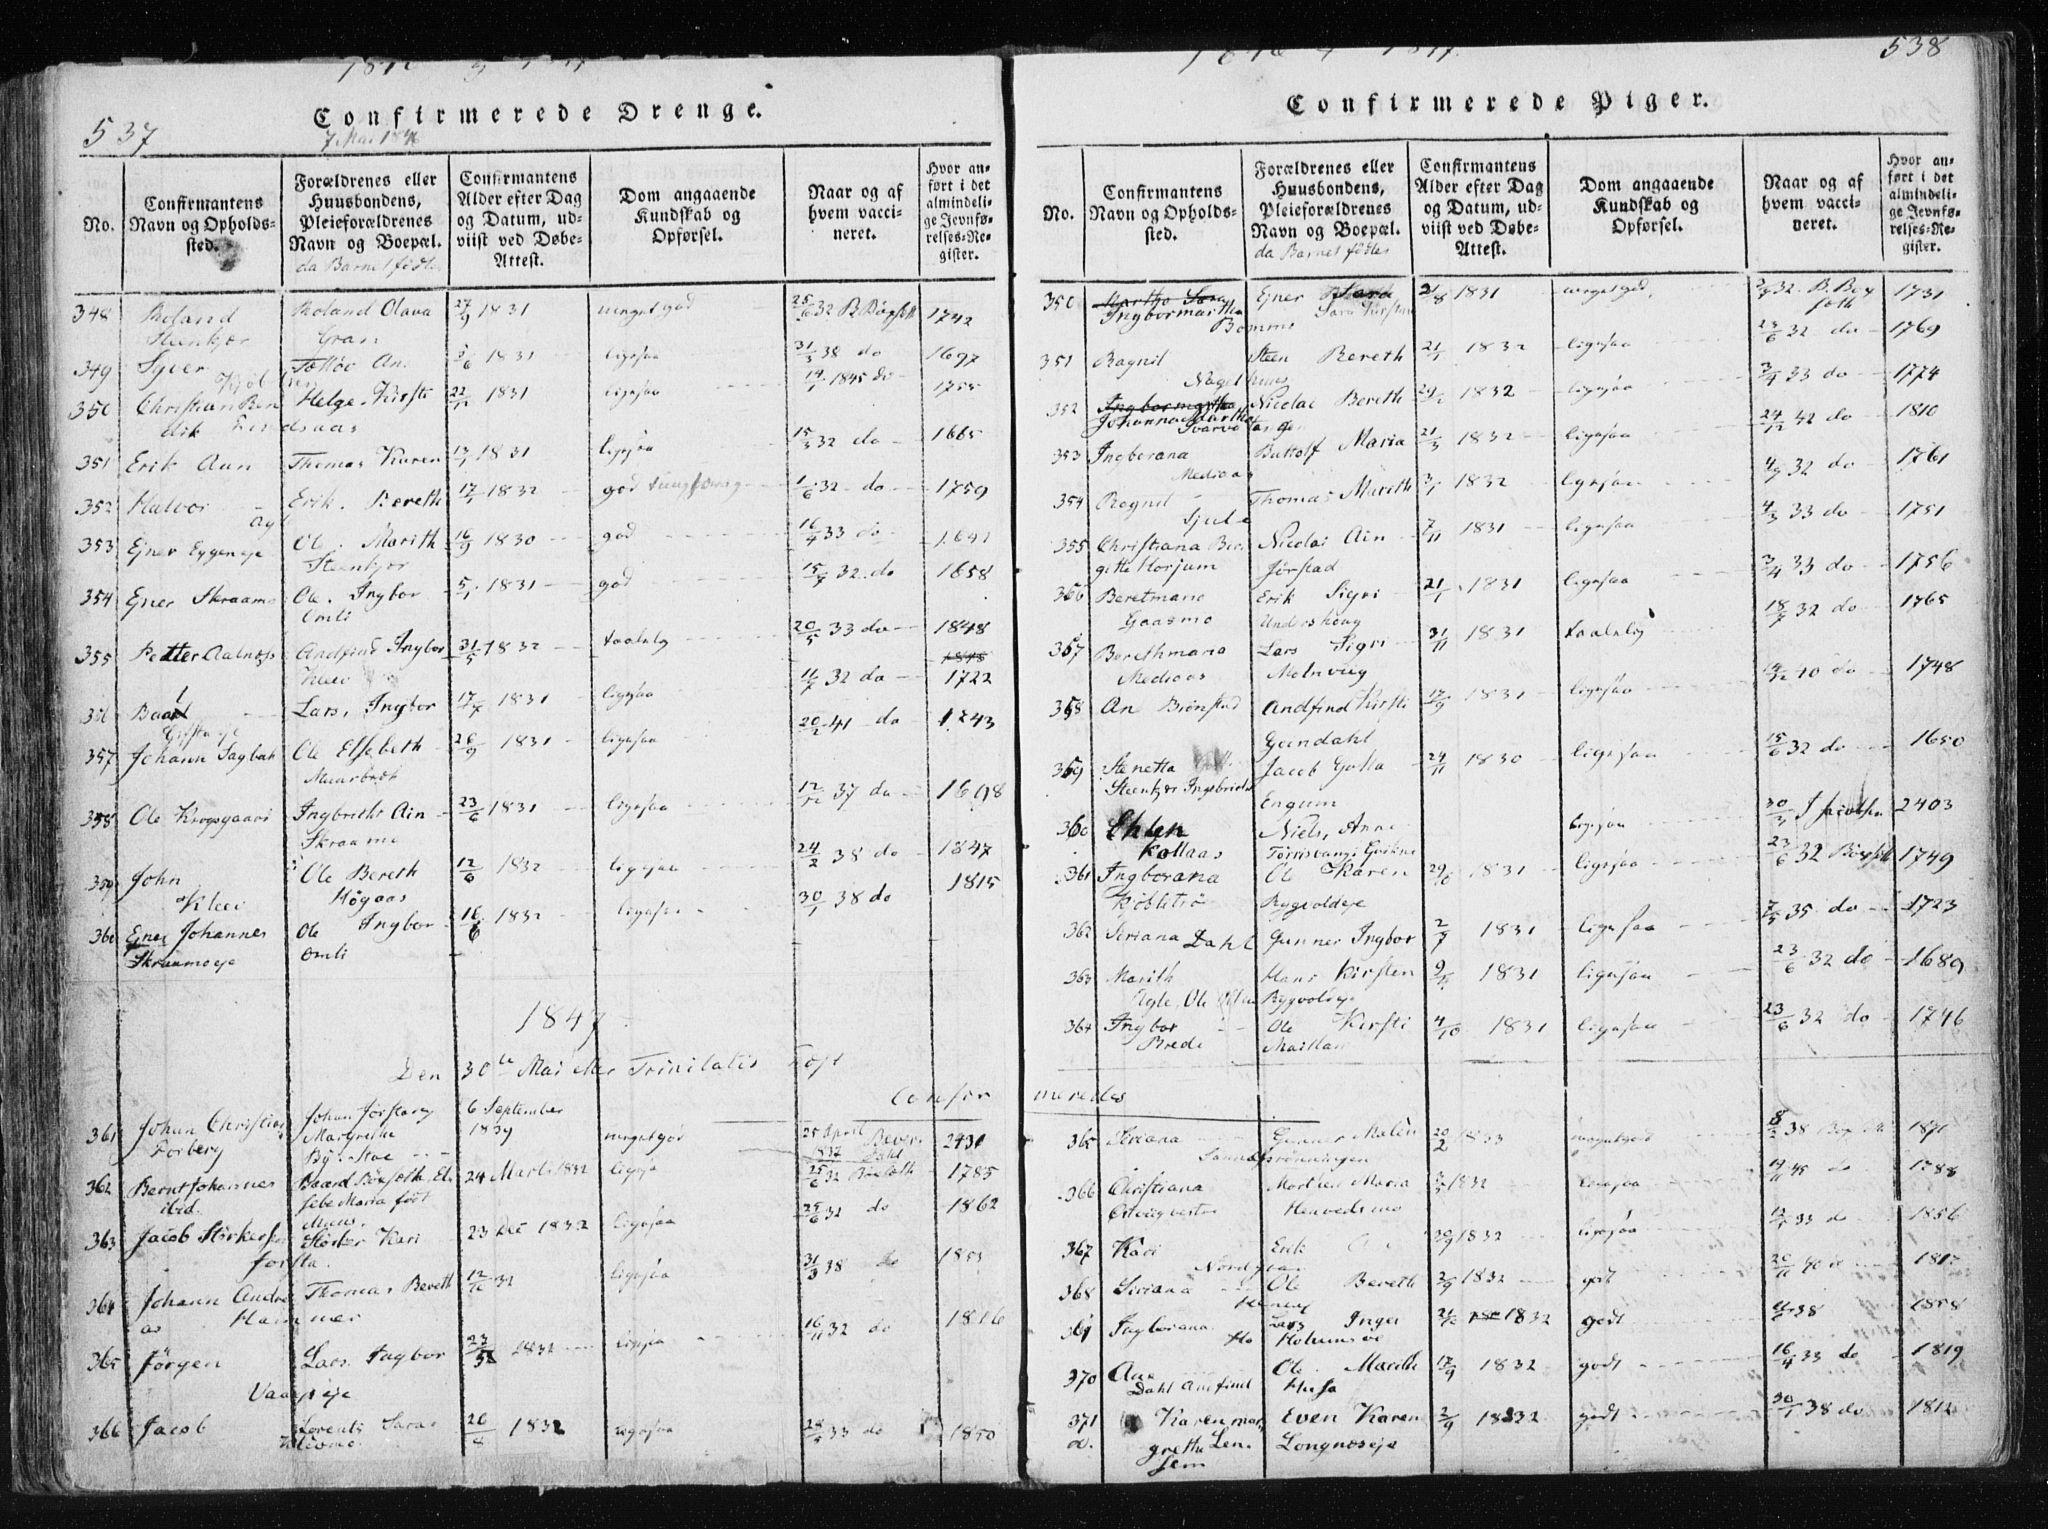 SAT, Ministerialprotokoller, klokkerbøker og fødselsregistre - Nord-Trøndelag, 749/L0469: Ministerialbok nr. 749A03, 1817-1857, s. 537-538